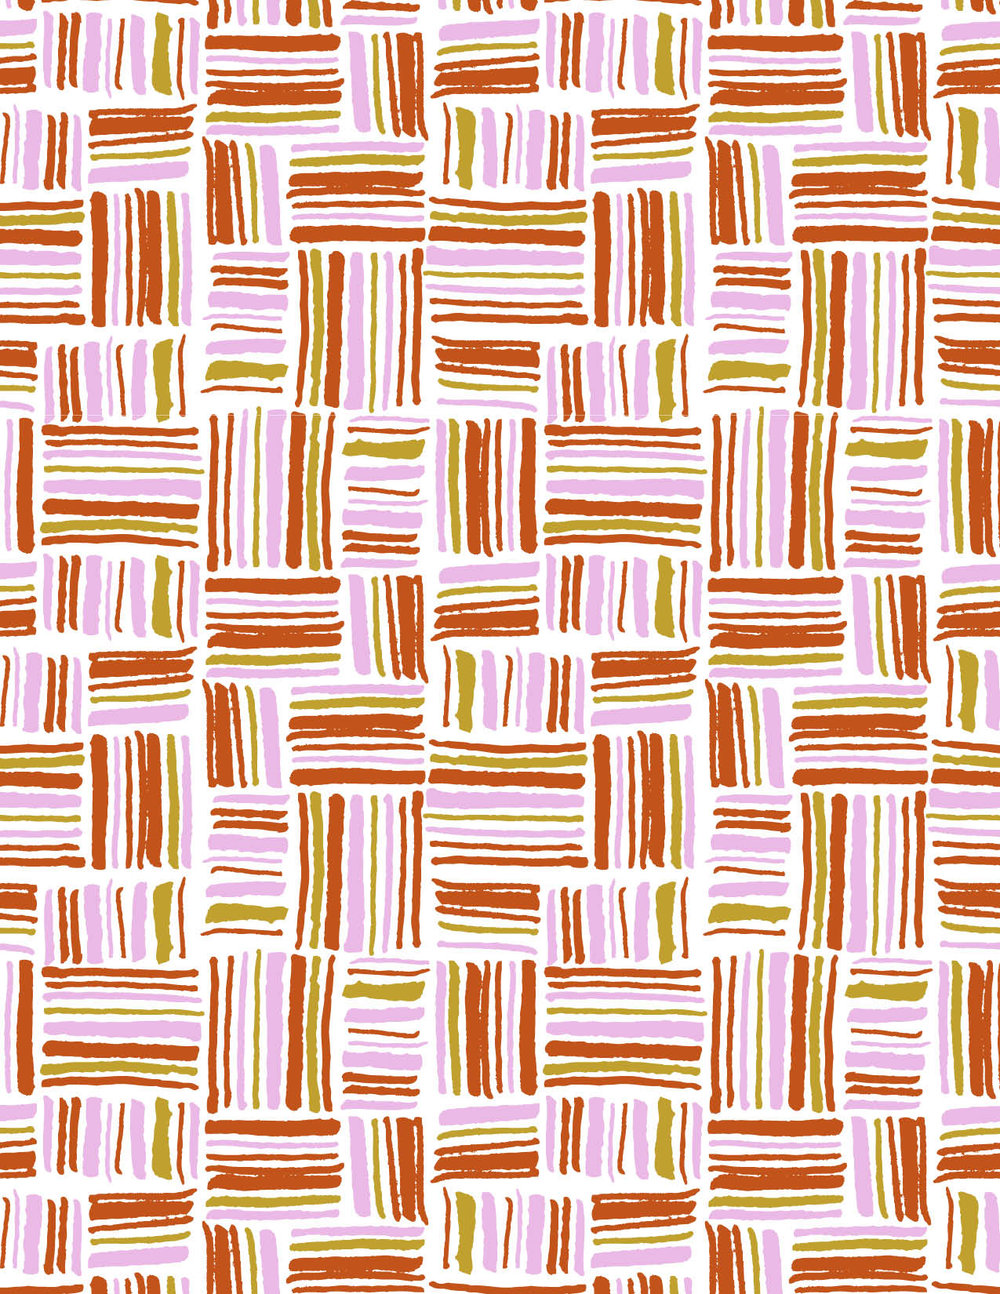 jessbruggink_pattern28.jpg